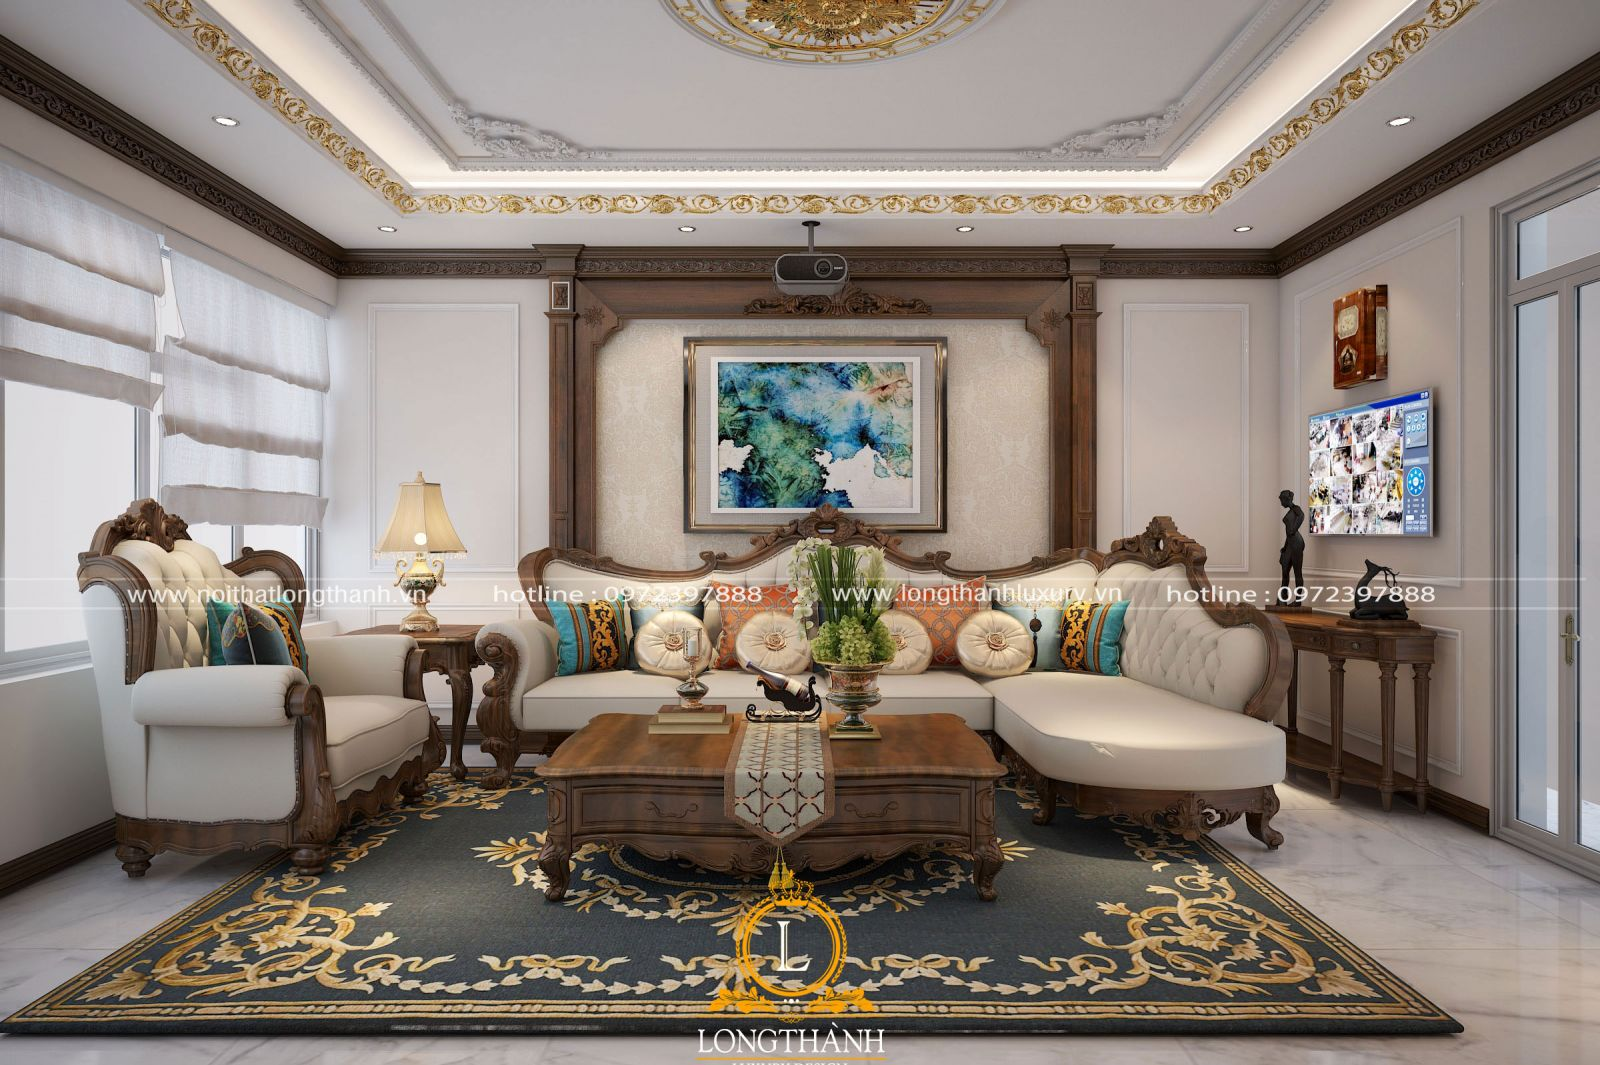 Bộ sofa cho phòng khách nhà ống được sử dụng chất liệu gỗ tự nhiên cao cấp